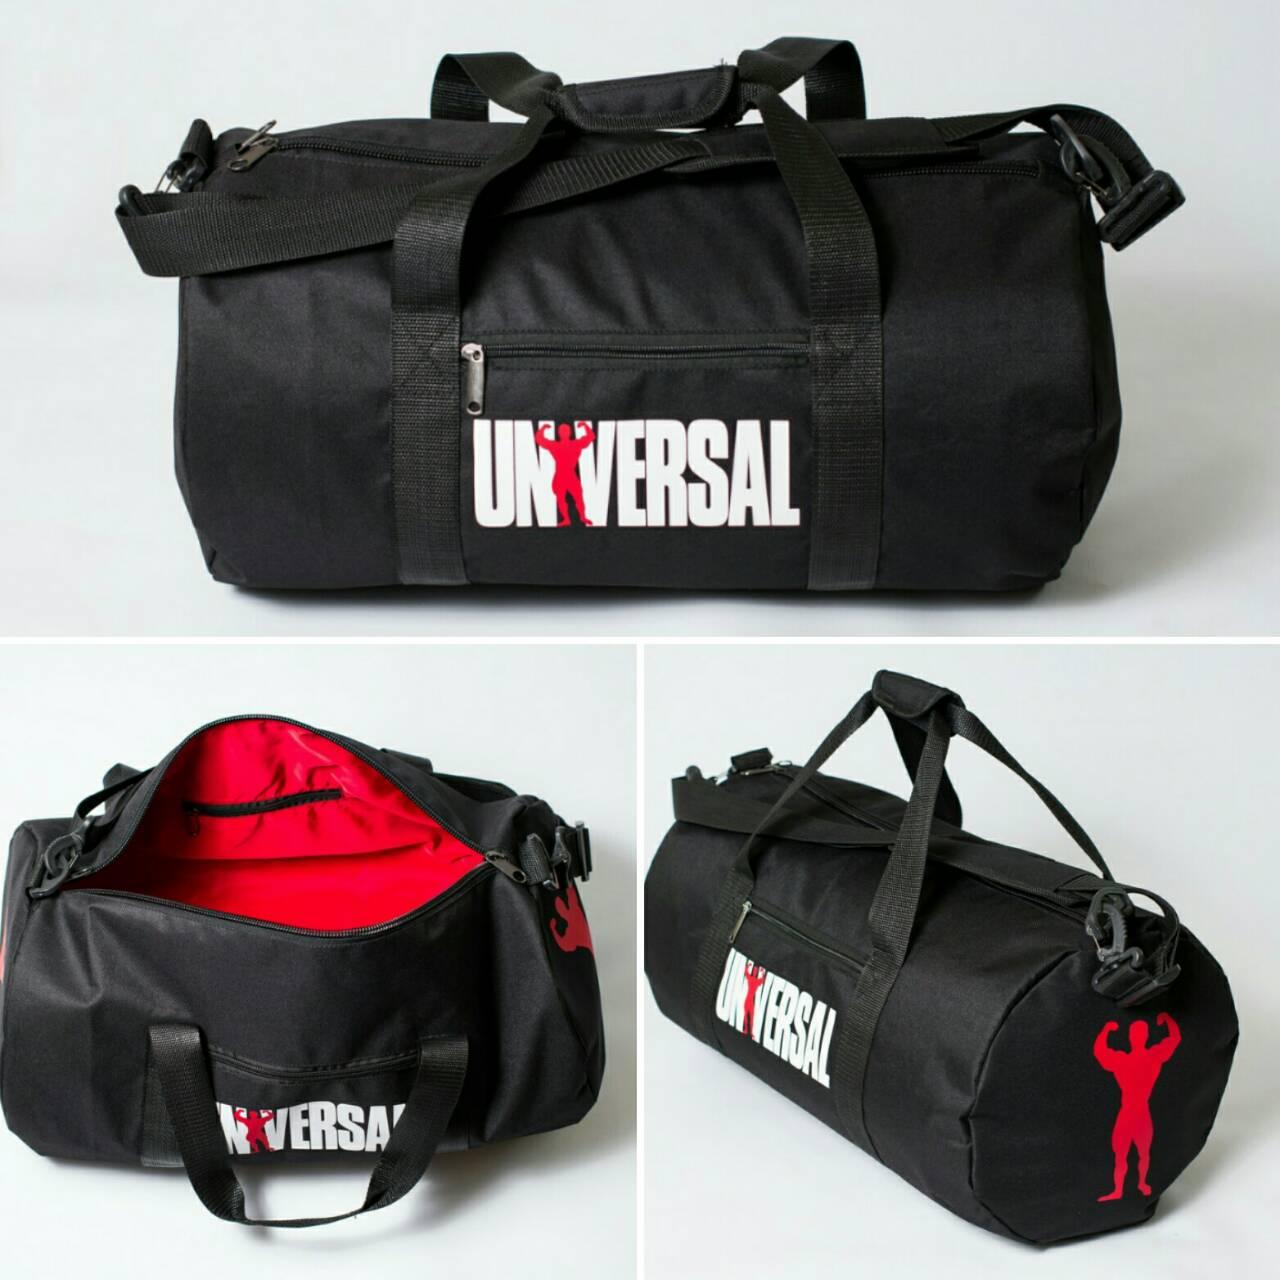 e4c5b70a0bea Перед тем как заказать спортивную сумку, рекомендуем воспользоваться  консультацией менеджеров магазина. Они помогут сделать правильный выбор, ...